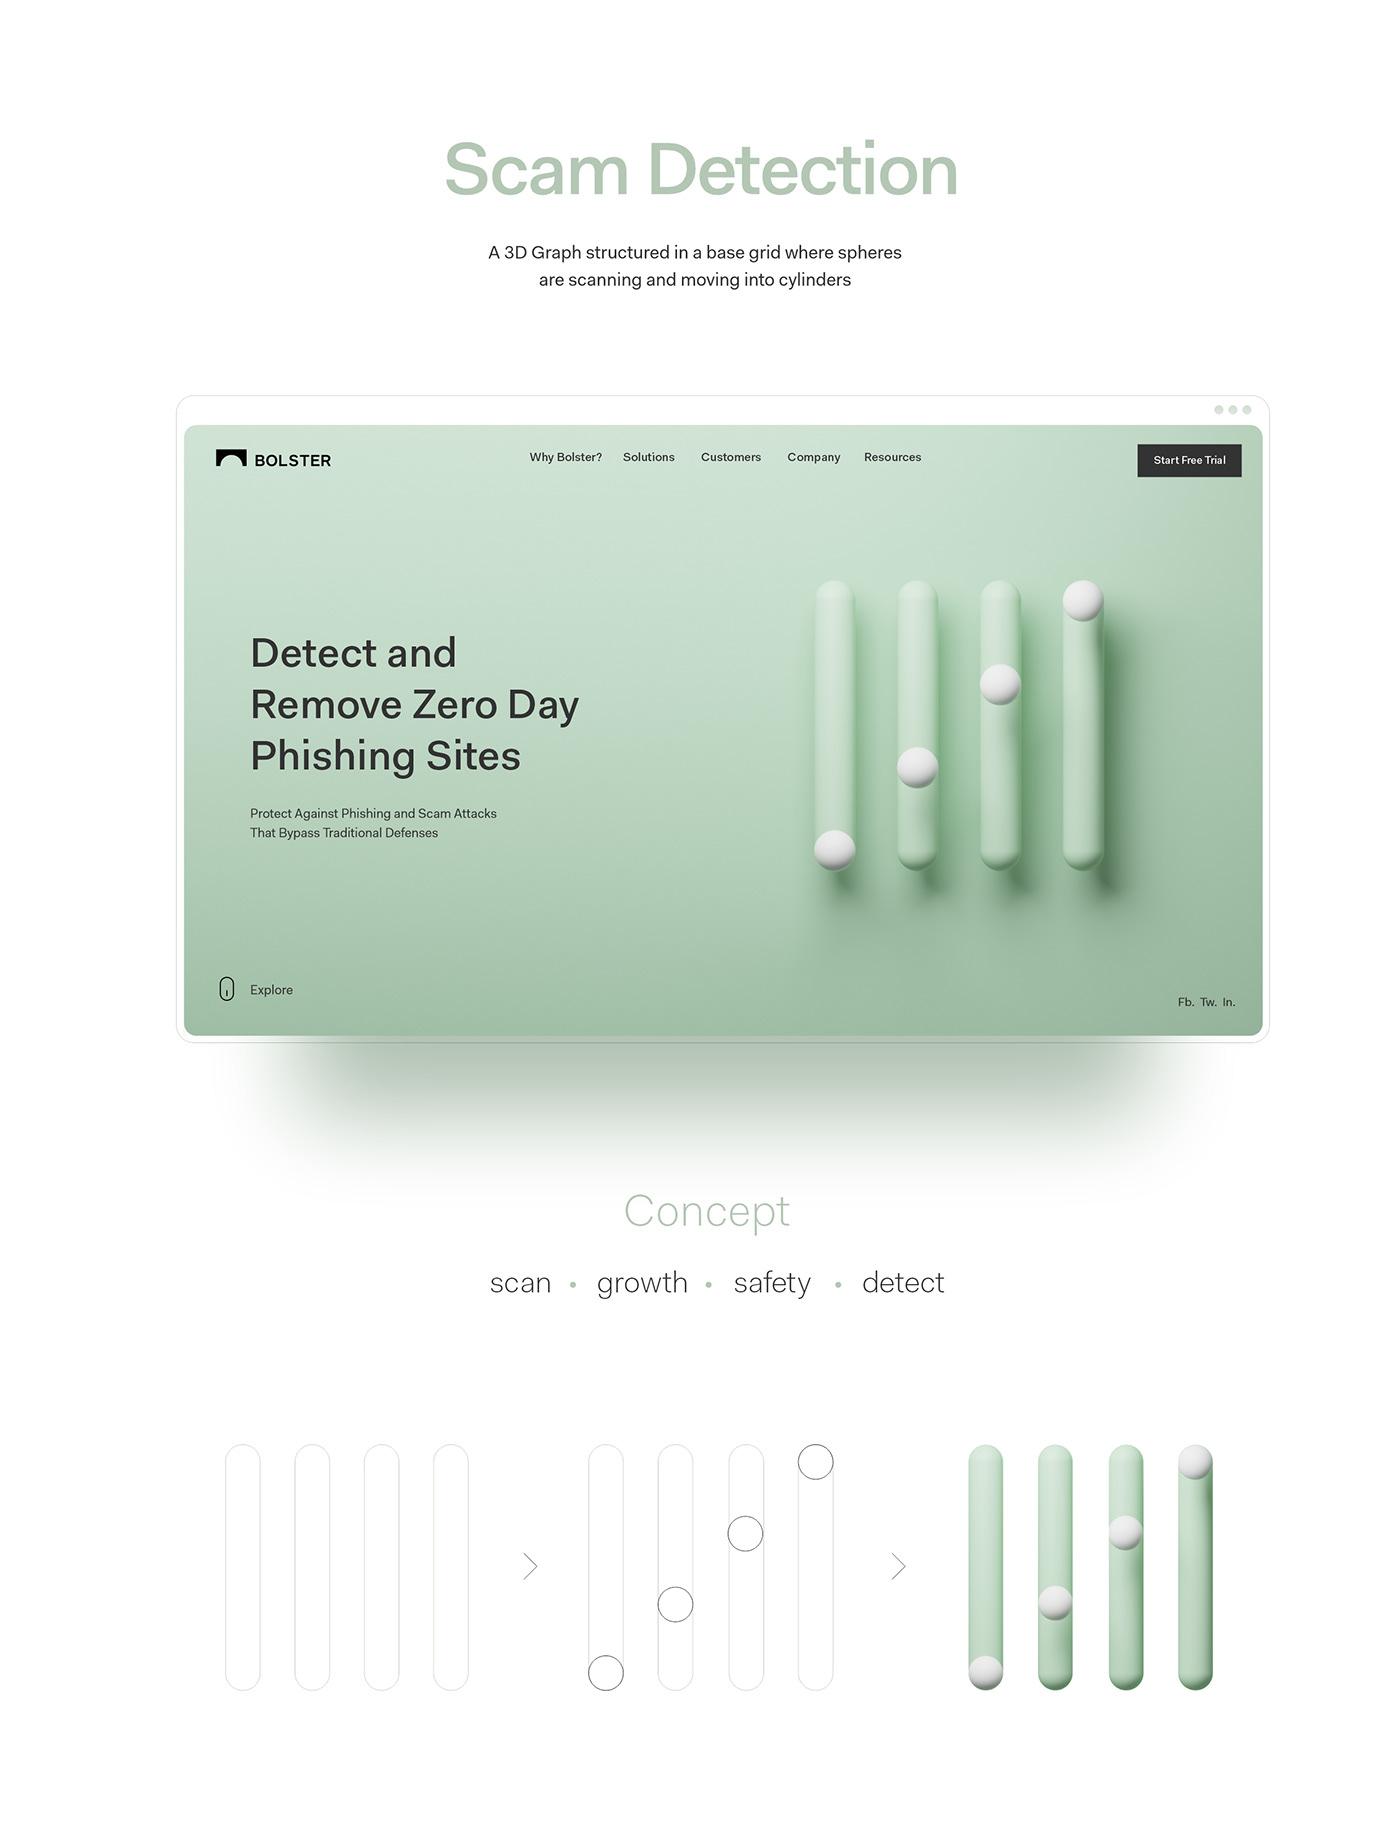 3D branding  deepshape deepyellow digital geometry logo shape Bolster poster